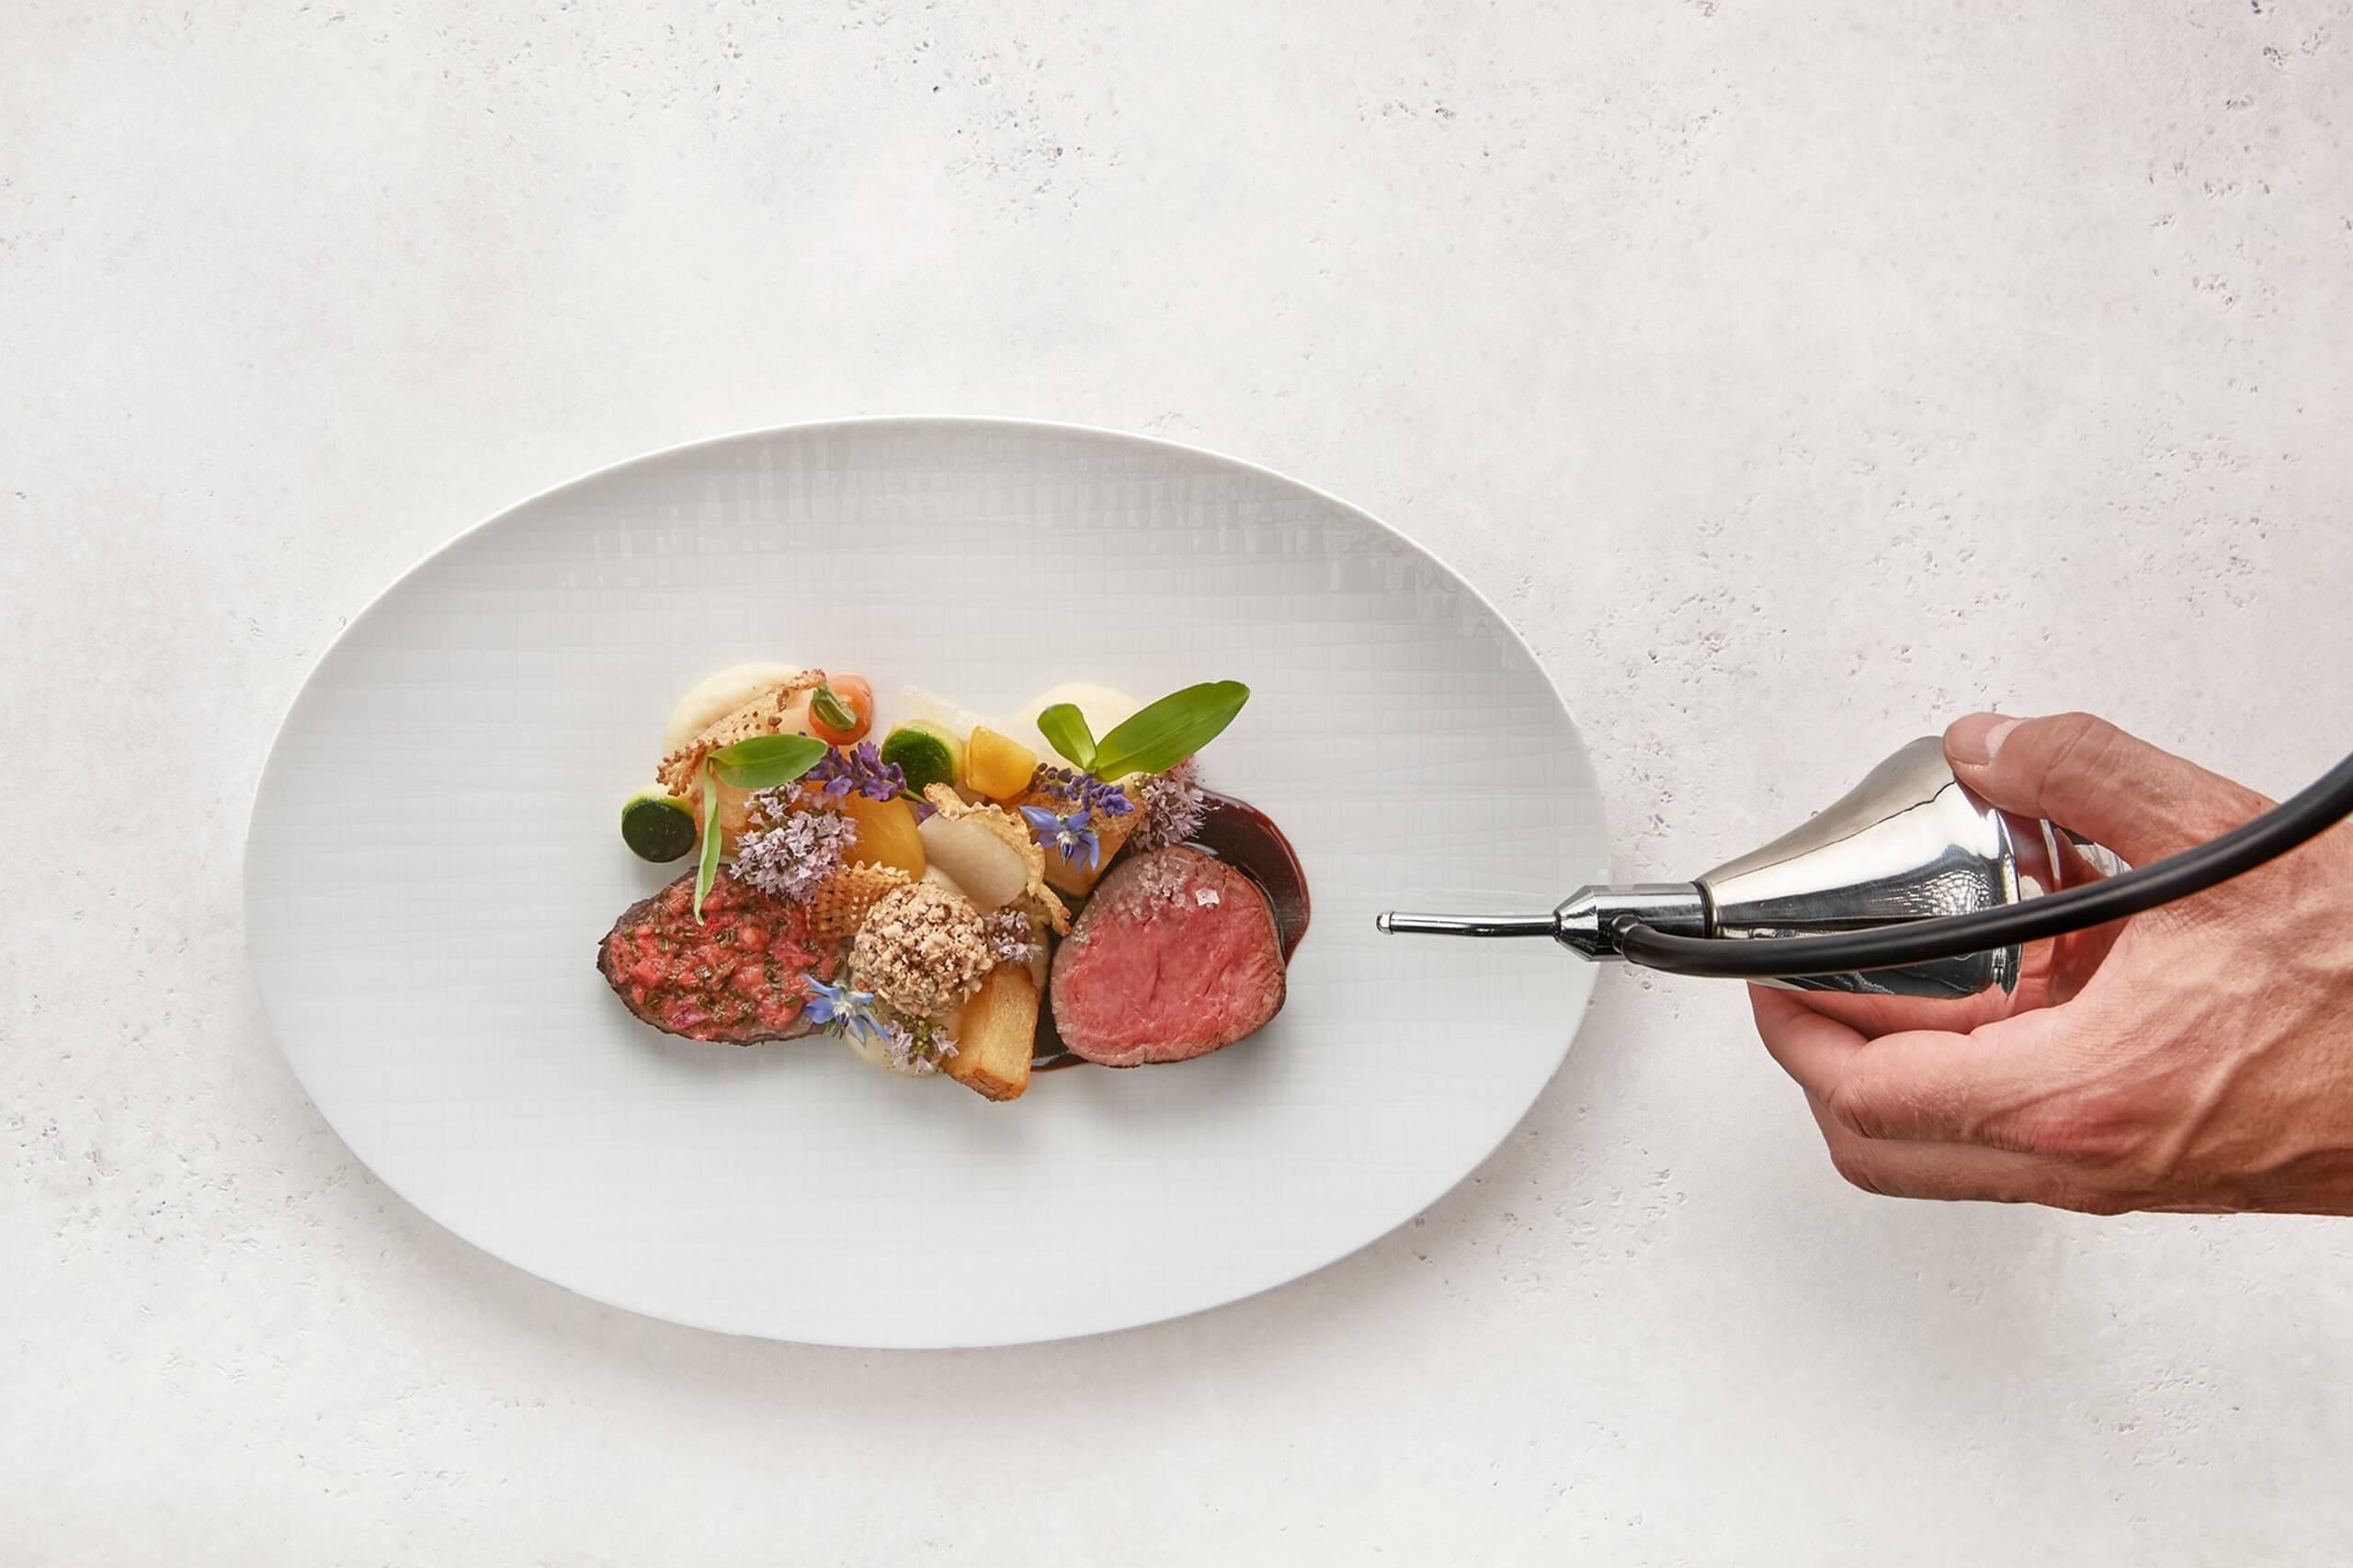 la-terrasse-menu-herbst-oval